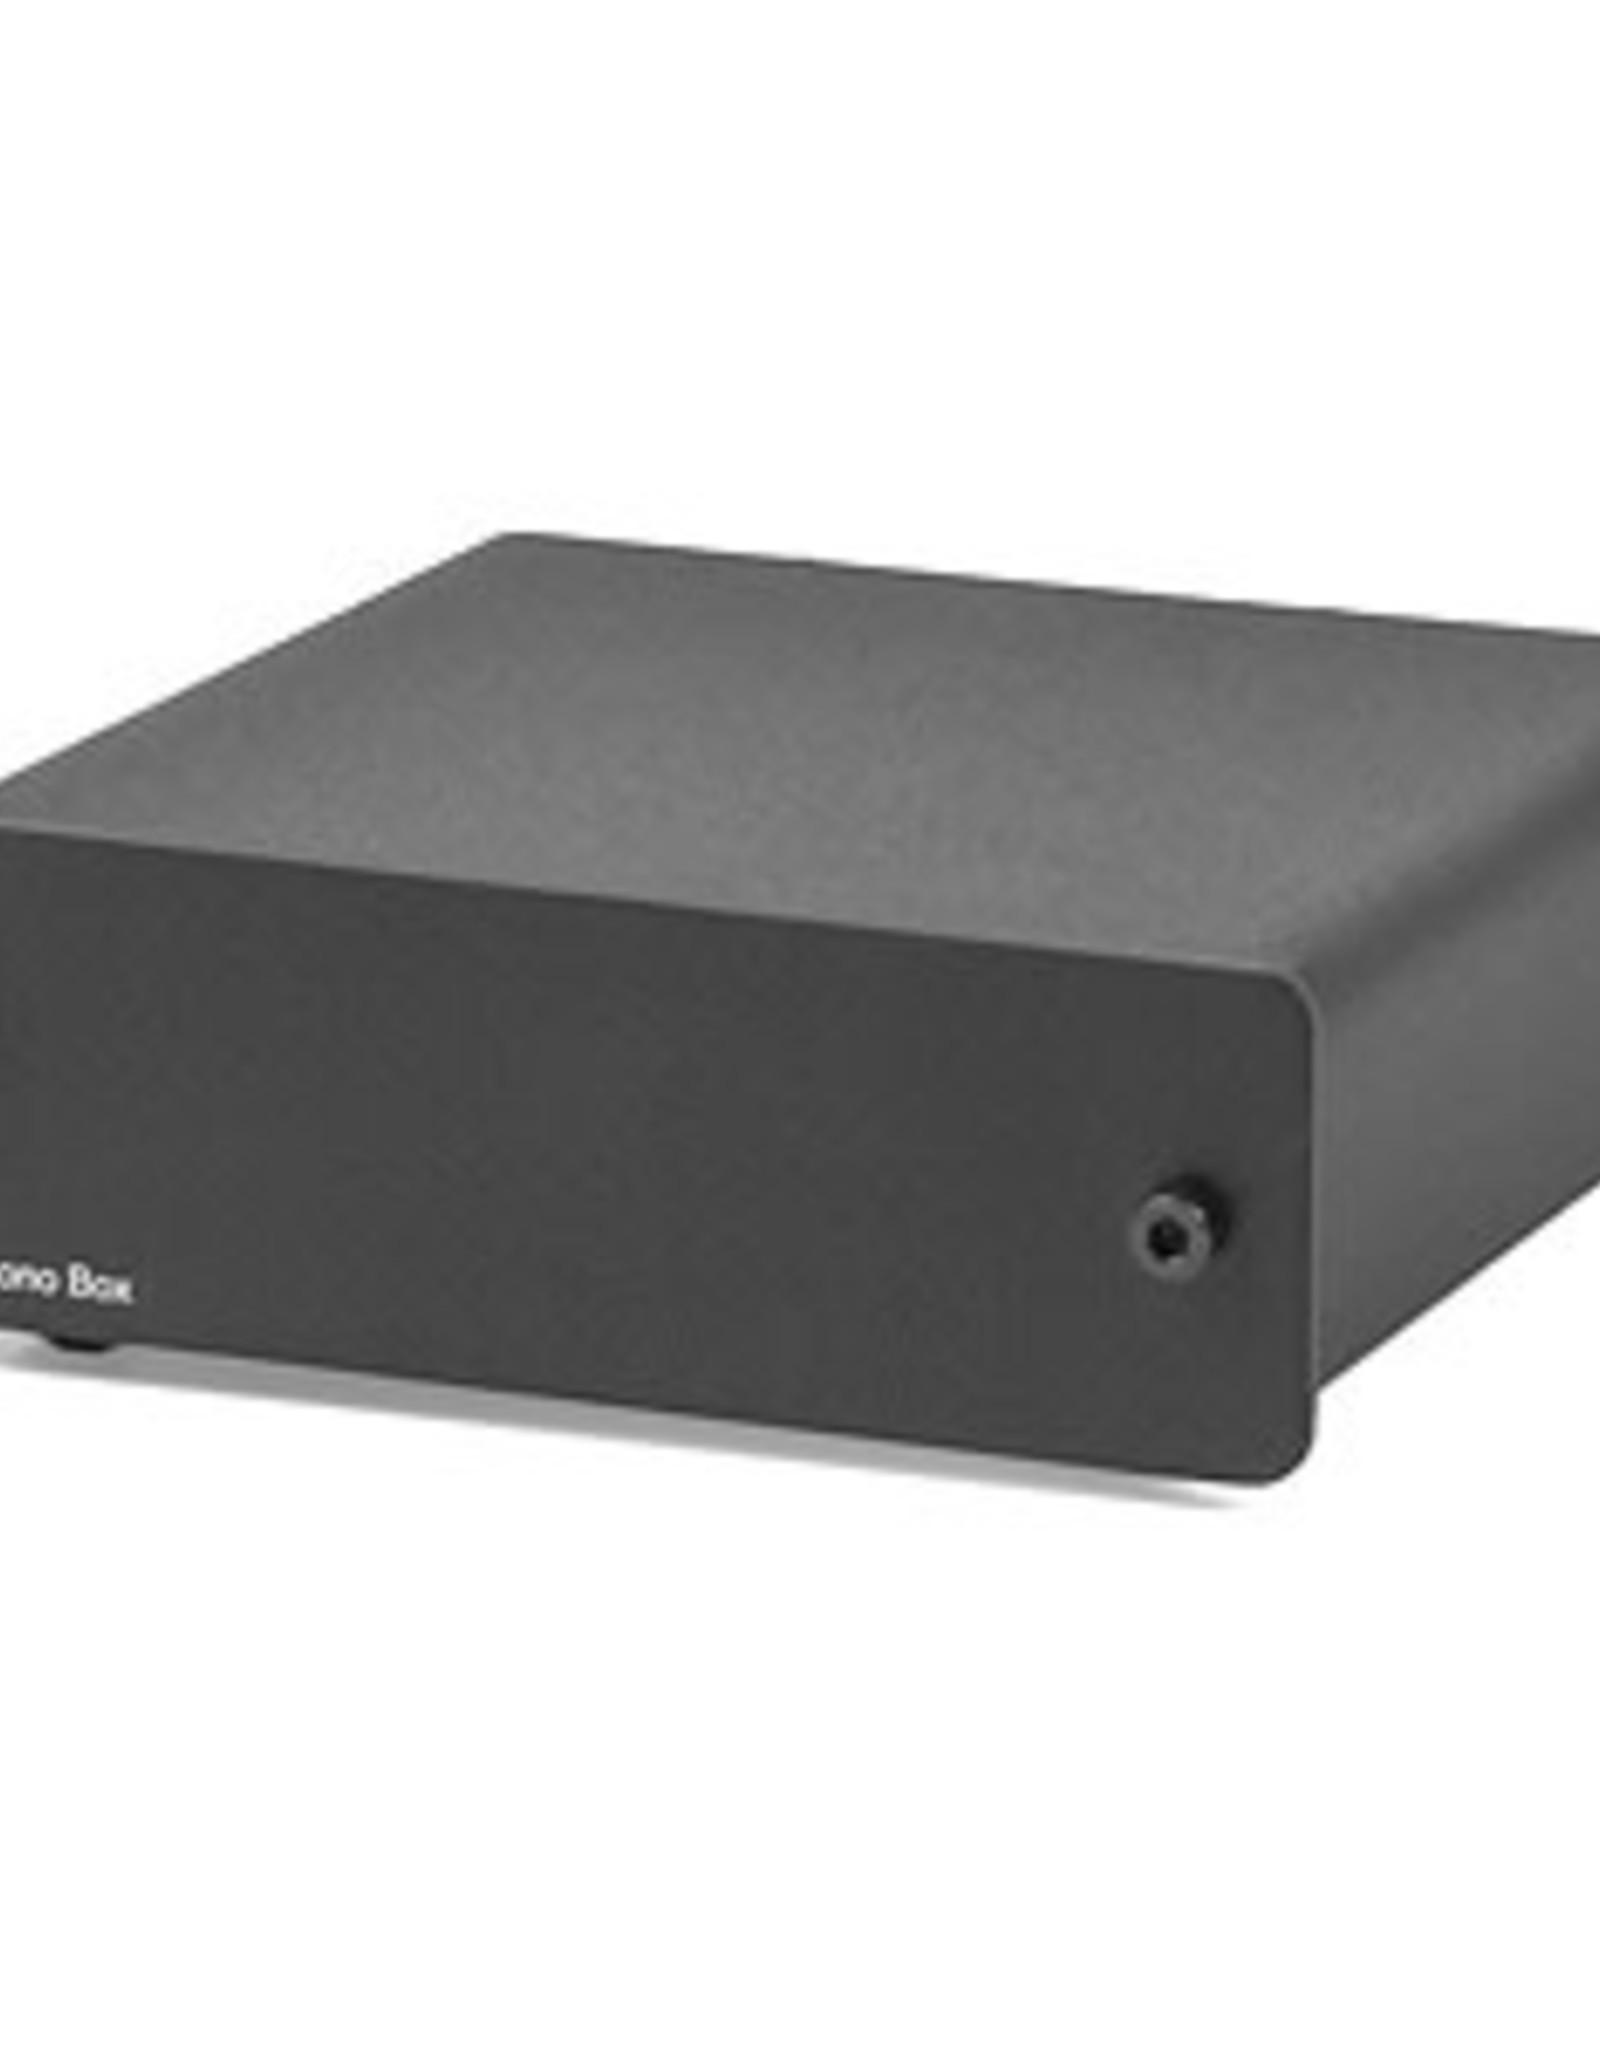 Pro-Ject Phono Box DC